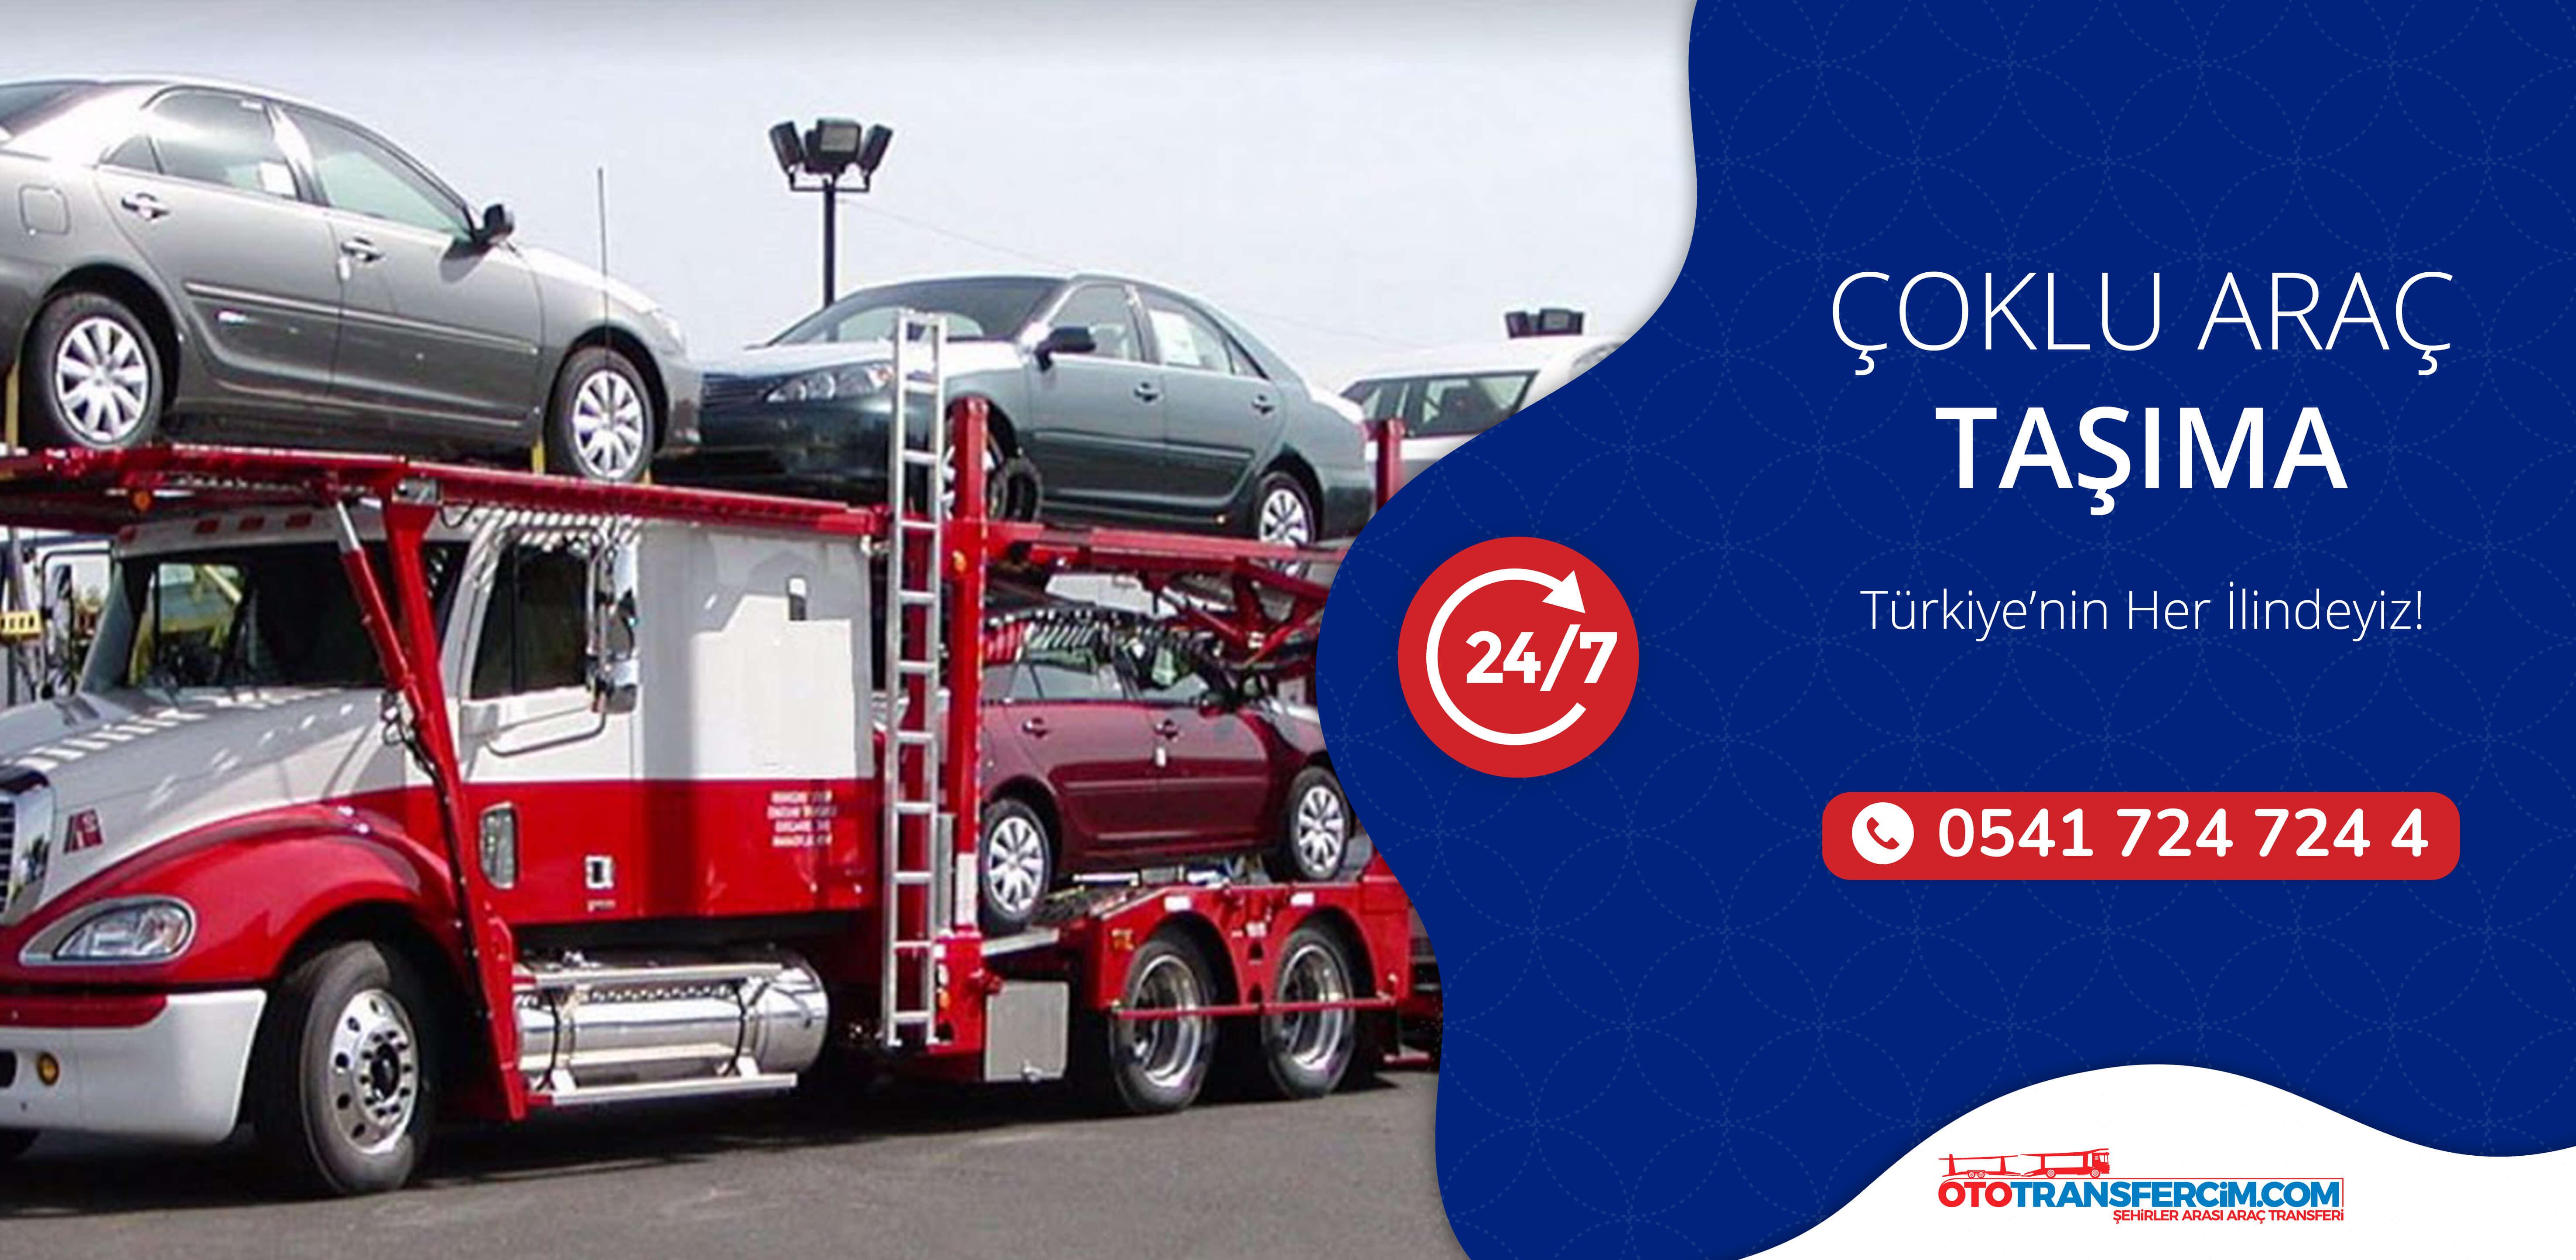 Bitlis - Dalaman Şehirler Arası Oto Çekici Çoklu Araç Taşıma semtinin neresinde olursanız olun! Yolda kaldığınız da 0541 724 724 4 nolu telefondan bize ulaşın, Bitlis - Dalaman Şehirler Arası Oto Çekici Çoklu Araç Taşıma Çekicimizi hemen yönlendirelim